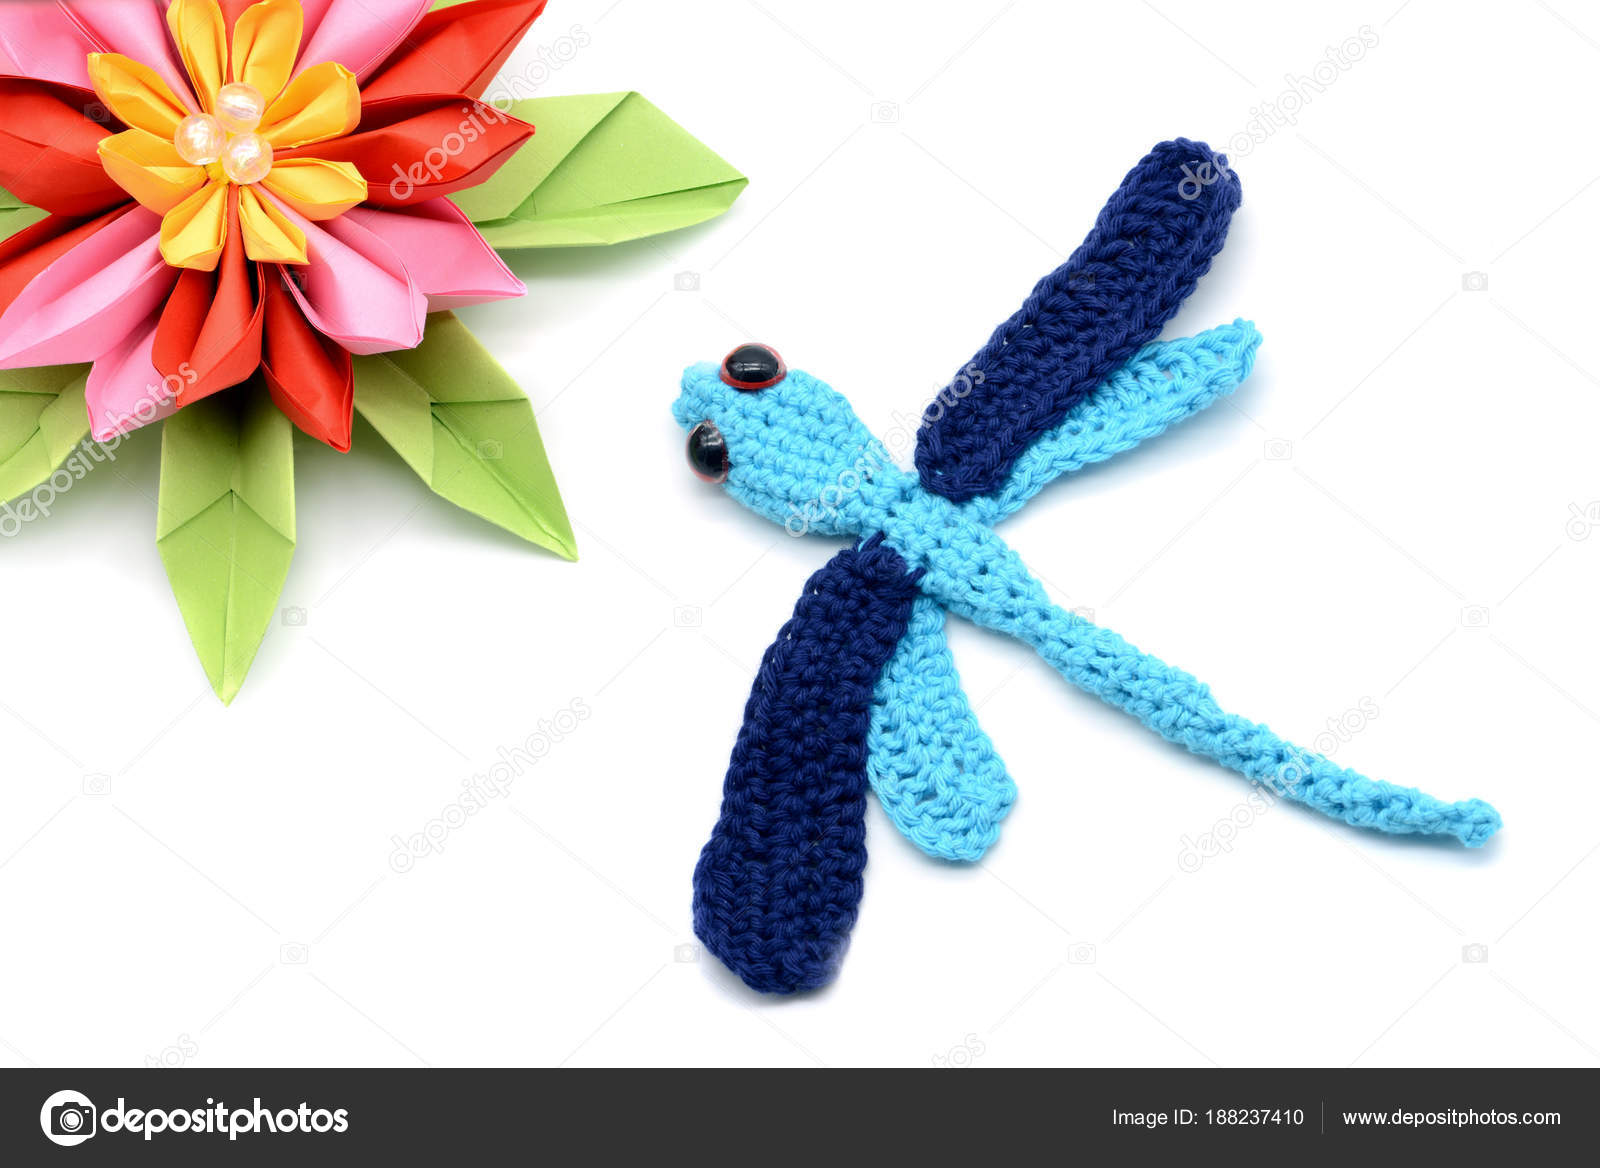 Basteln Mit Wolle Und Papier Eine Häkeln Drachen Fliegen Und Papier